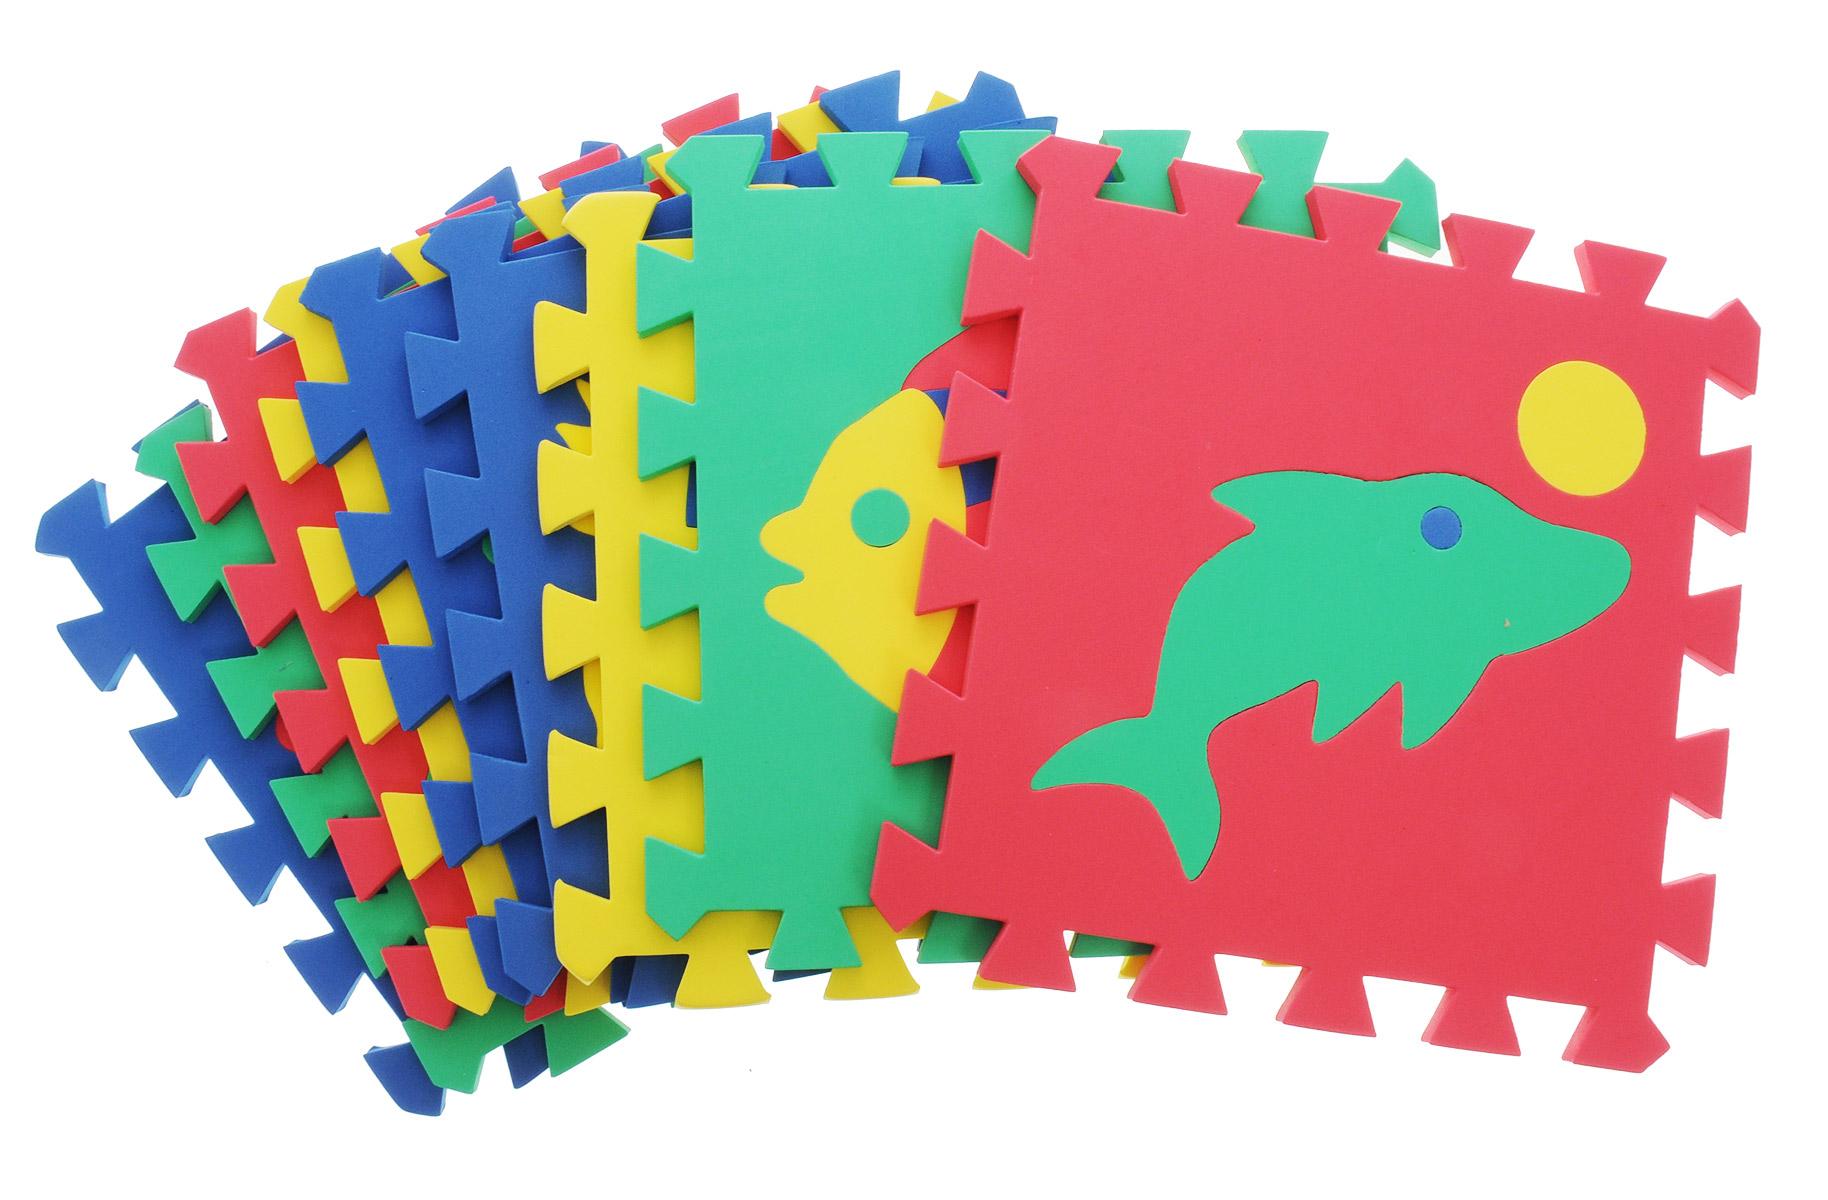 Бомик Пазл для малышей Коврик Мозаика406Пазл для малышей Бомик Коврик. Мозаика - увлекательная игра и интересное занятие для развития ребенка. Пазл выполнен из мягкого полимера, поэтому детали легко гнутся и не ломаются, их всегда можно состыковать. Пазл представляет собой 9 ковриков, каждый размером 28 см на 28 см с силуэтами-вкладышами в виде различных фигур. Пазл развивает у ребенка память, воображение, моторику, пространственное и логическое мышление.